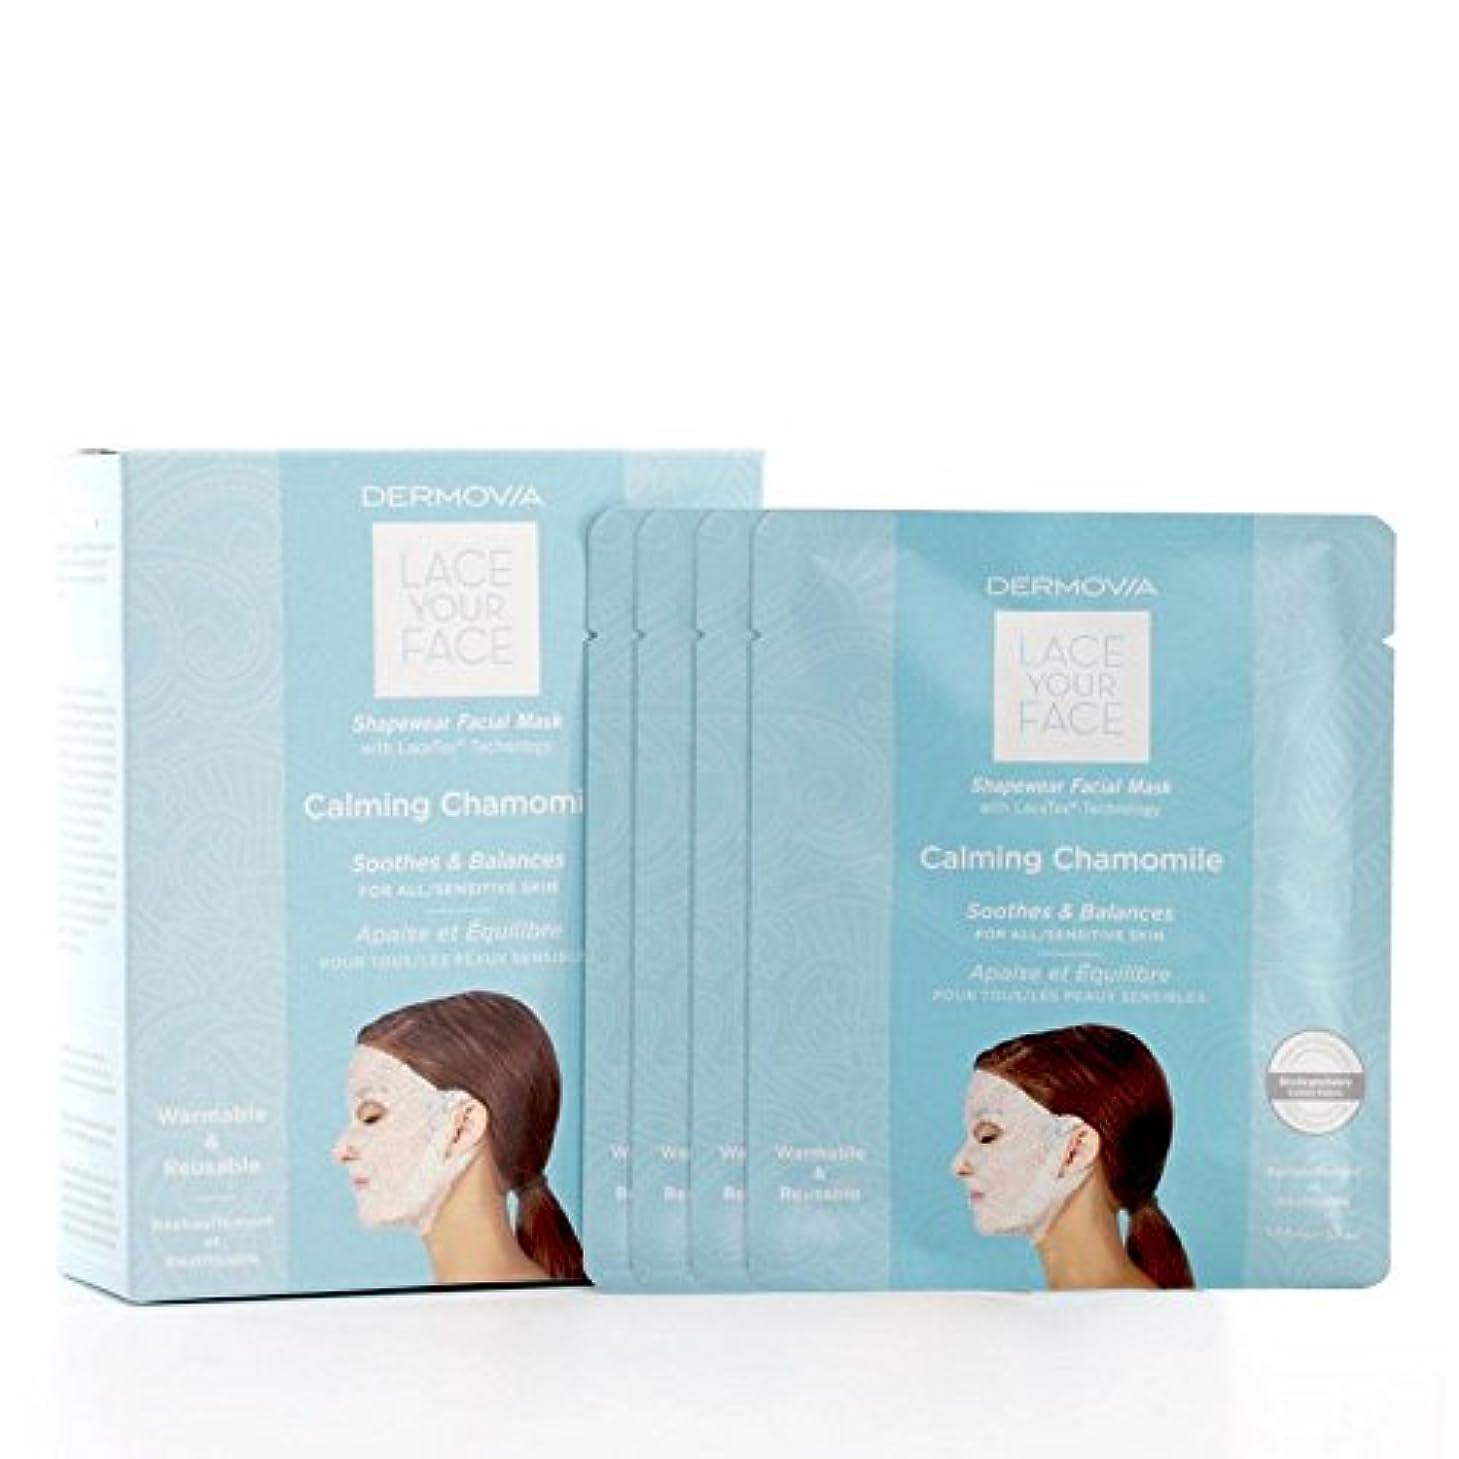 無心ハミングバード泣き叫ぶは、あなたの顔の圧縮フェイシャルマスク心を落ち着かせるカモミールをひもで締めます x2 - Dermovia Lace Your Face Compression Facial Mask Calming Chamomile...